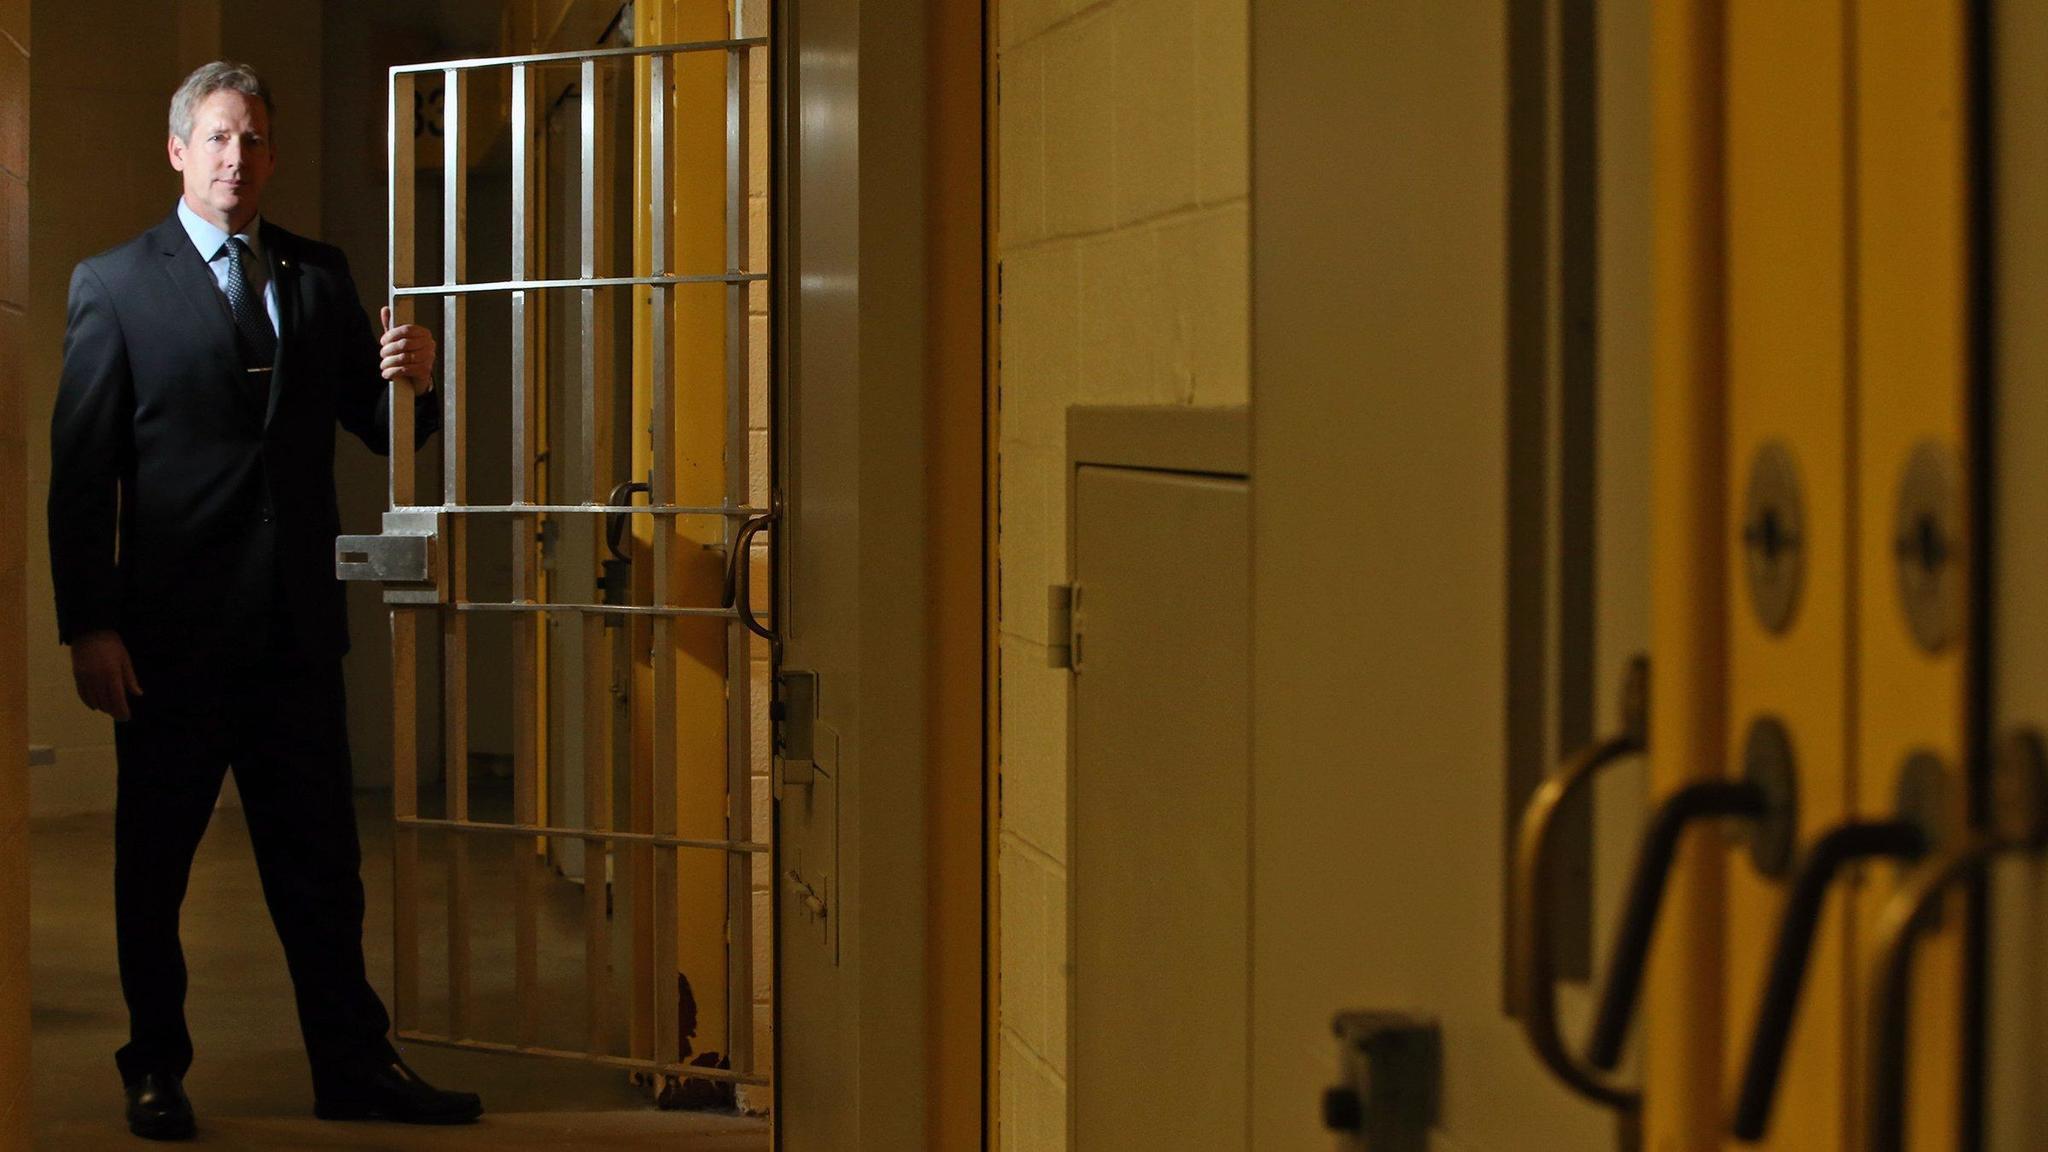 After Three Decades Corrections Director Calls It A